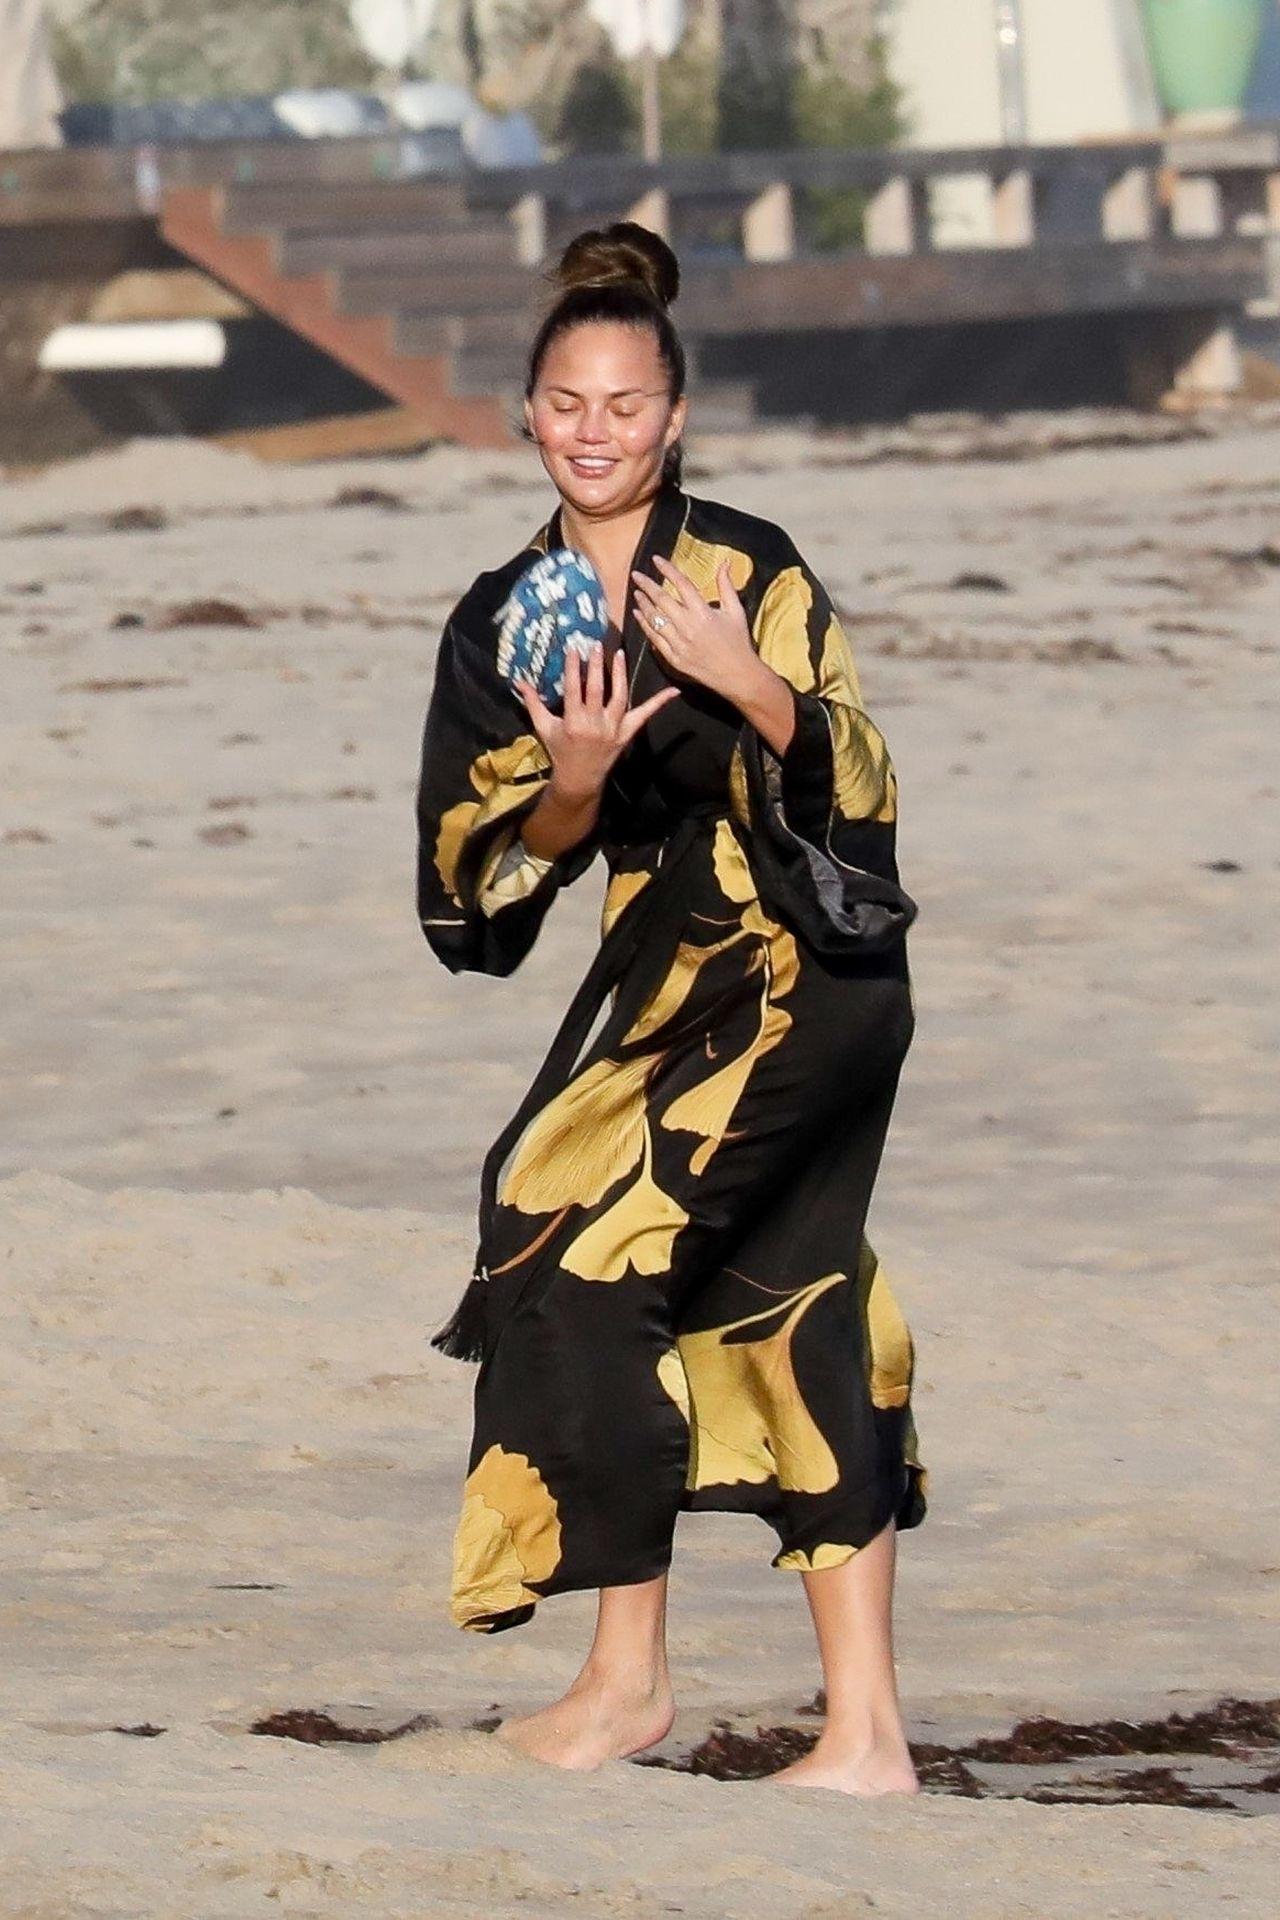 Chrissy Teigen Enjoys A Beach Day In Malibu Amid All Coronavirus Chaos 0004